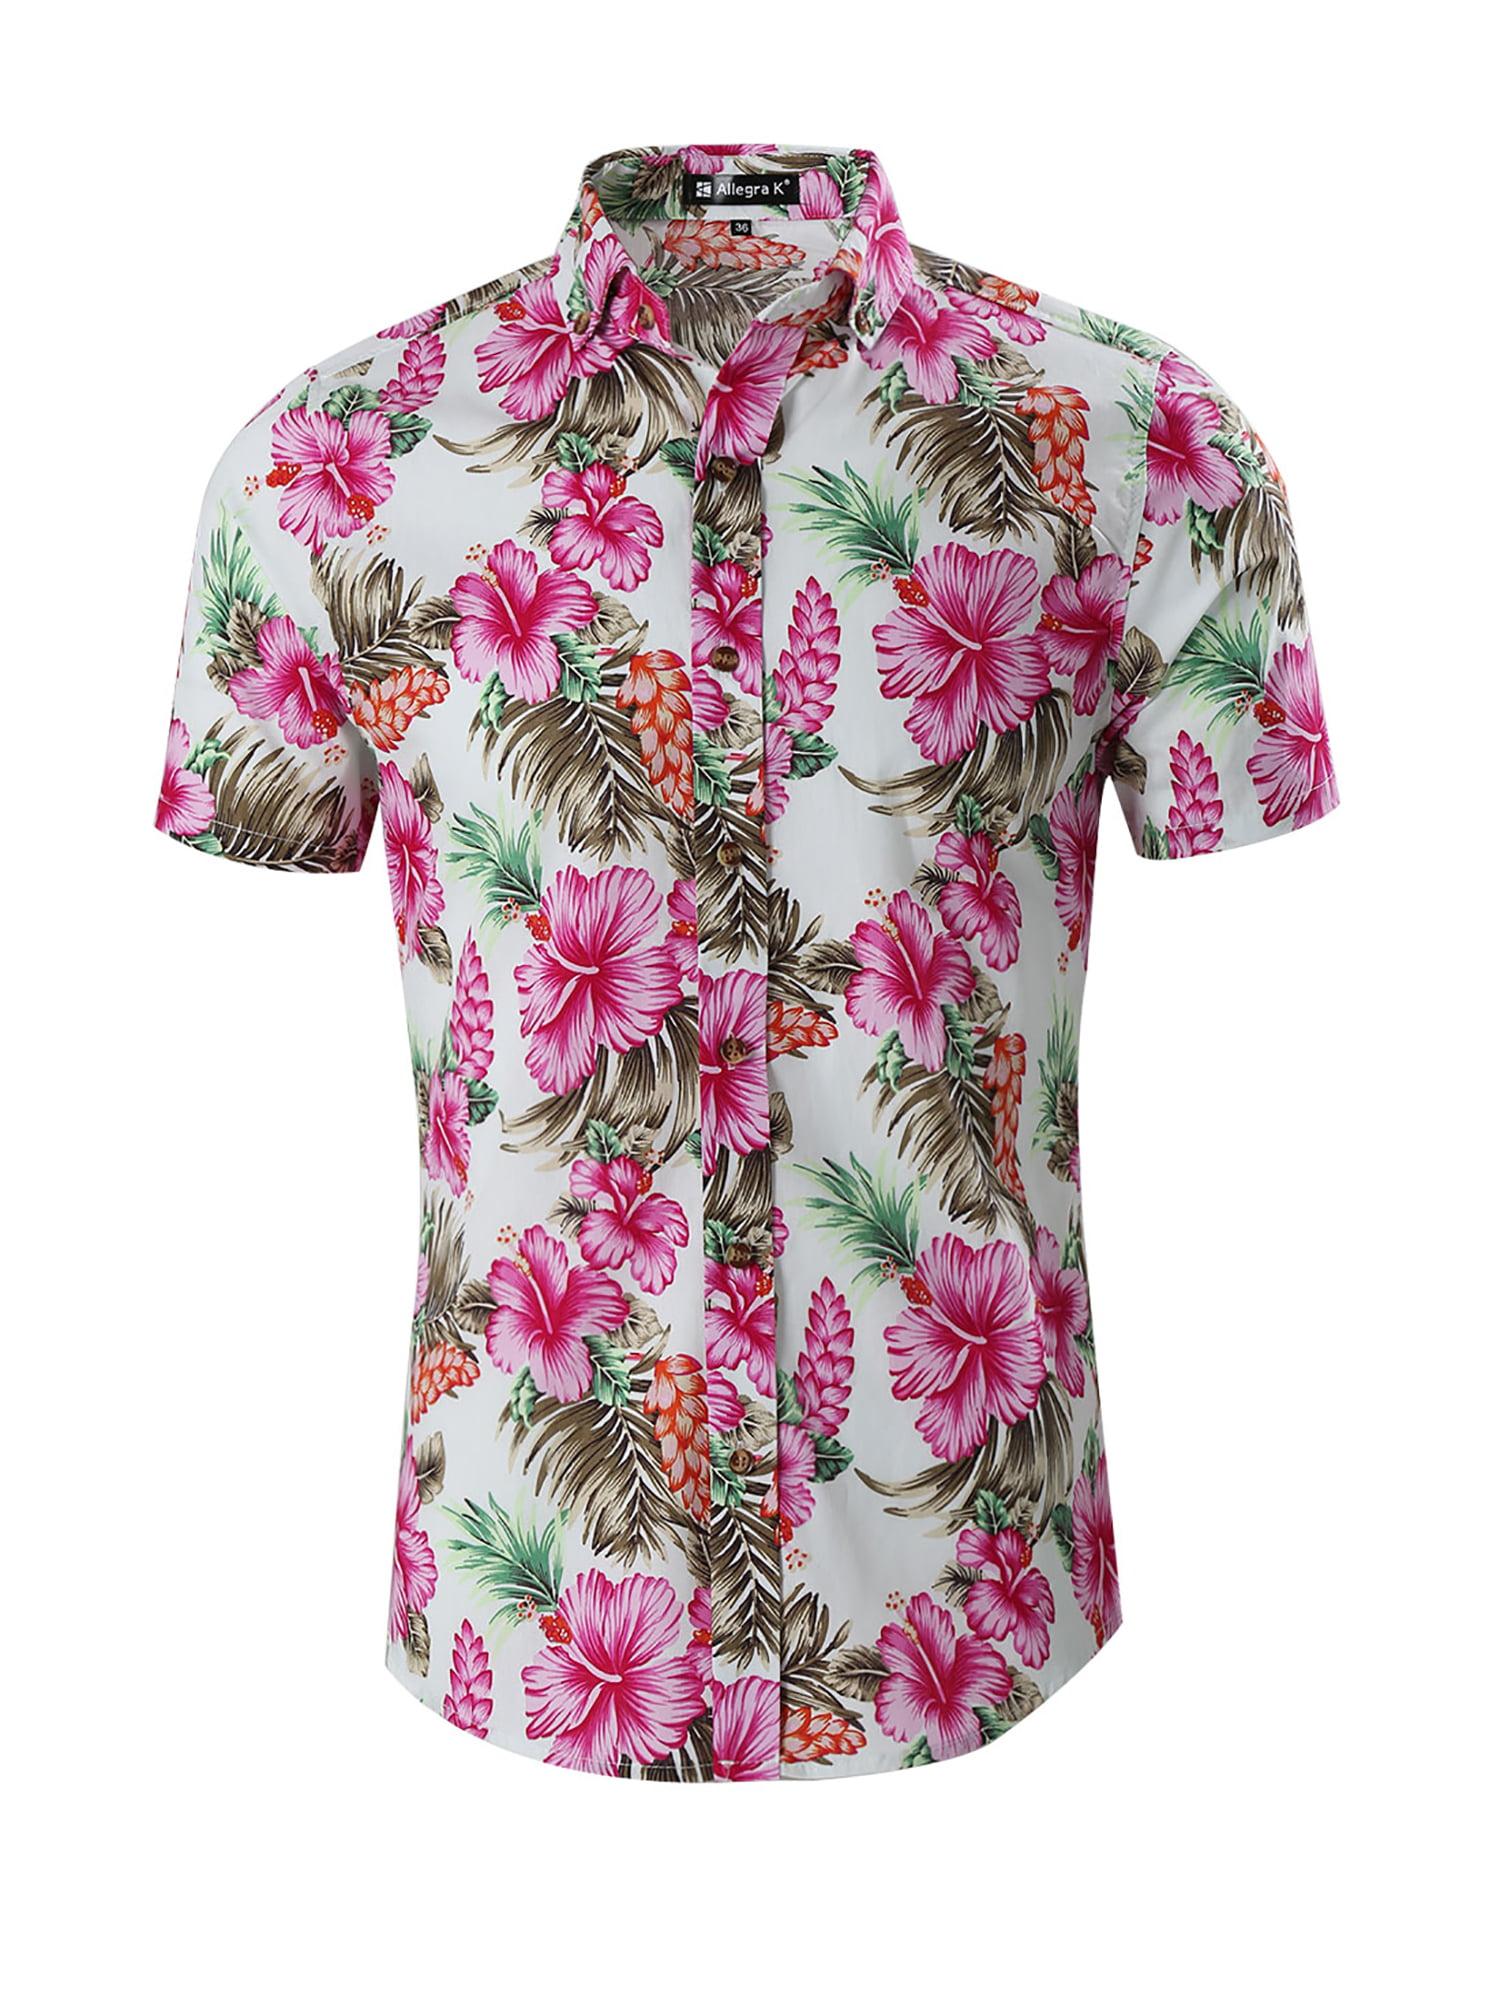 Floral Shirt Men Printed Button Down Short Sleeve Shirt Hawaiian Shirt Top Blouse,Green,XXL,C